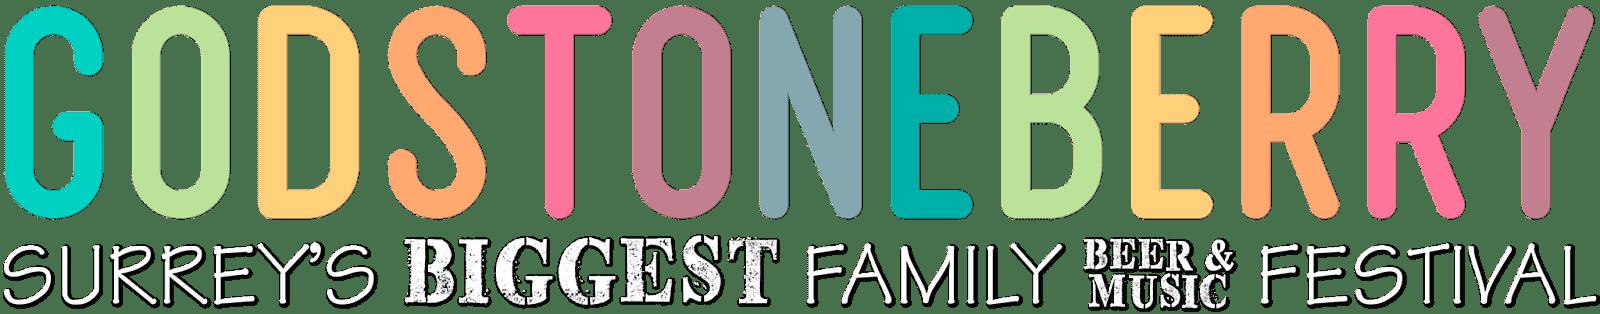 Godstoneberry Family Beer & Music Festival